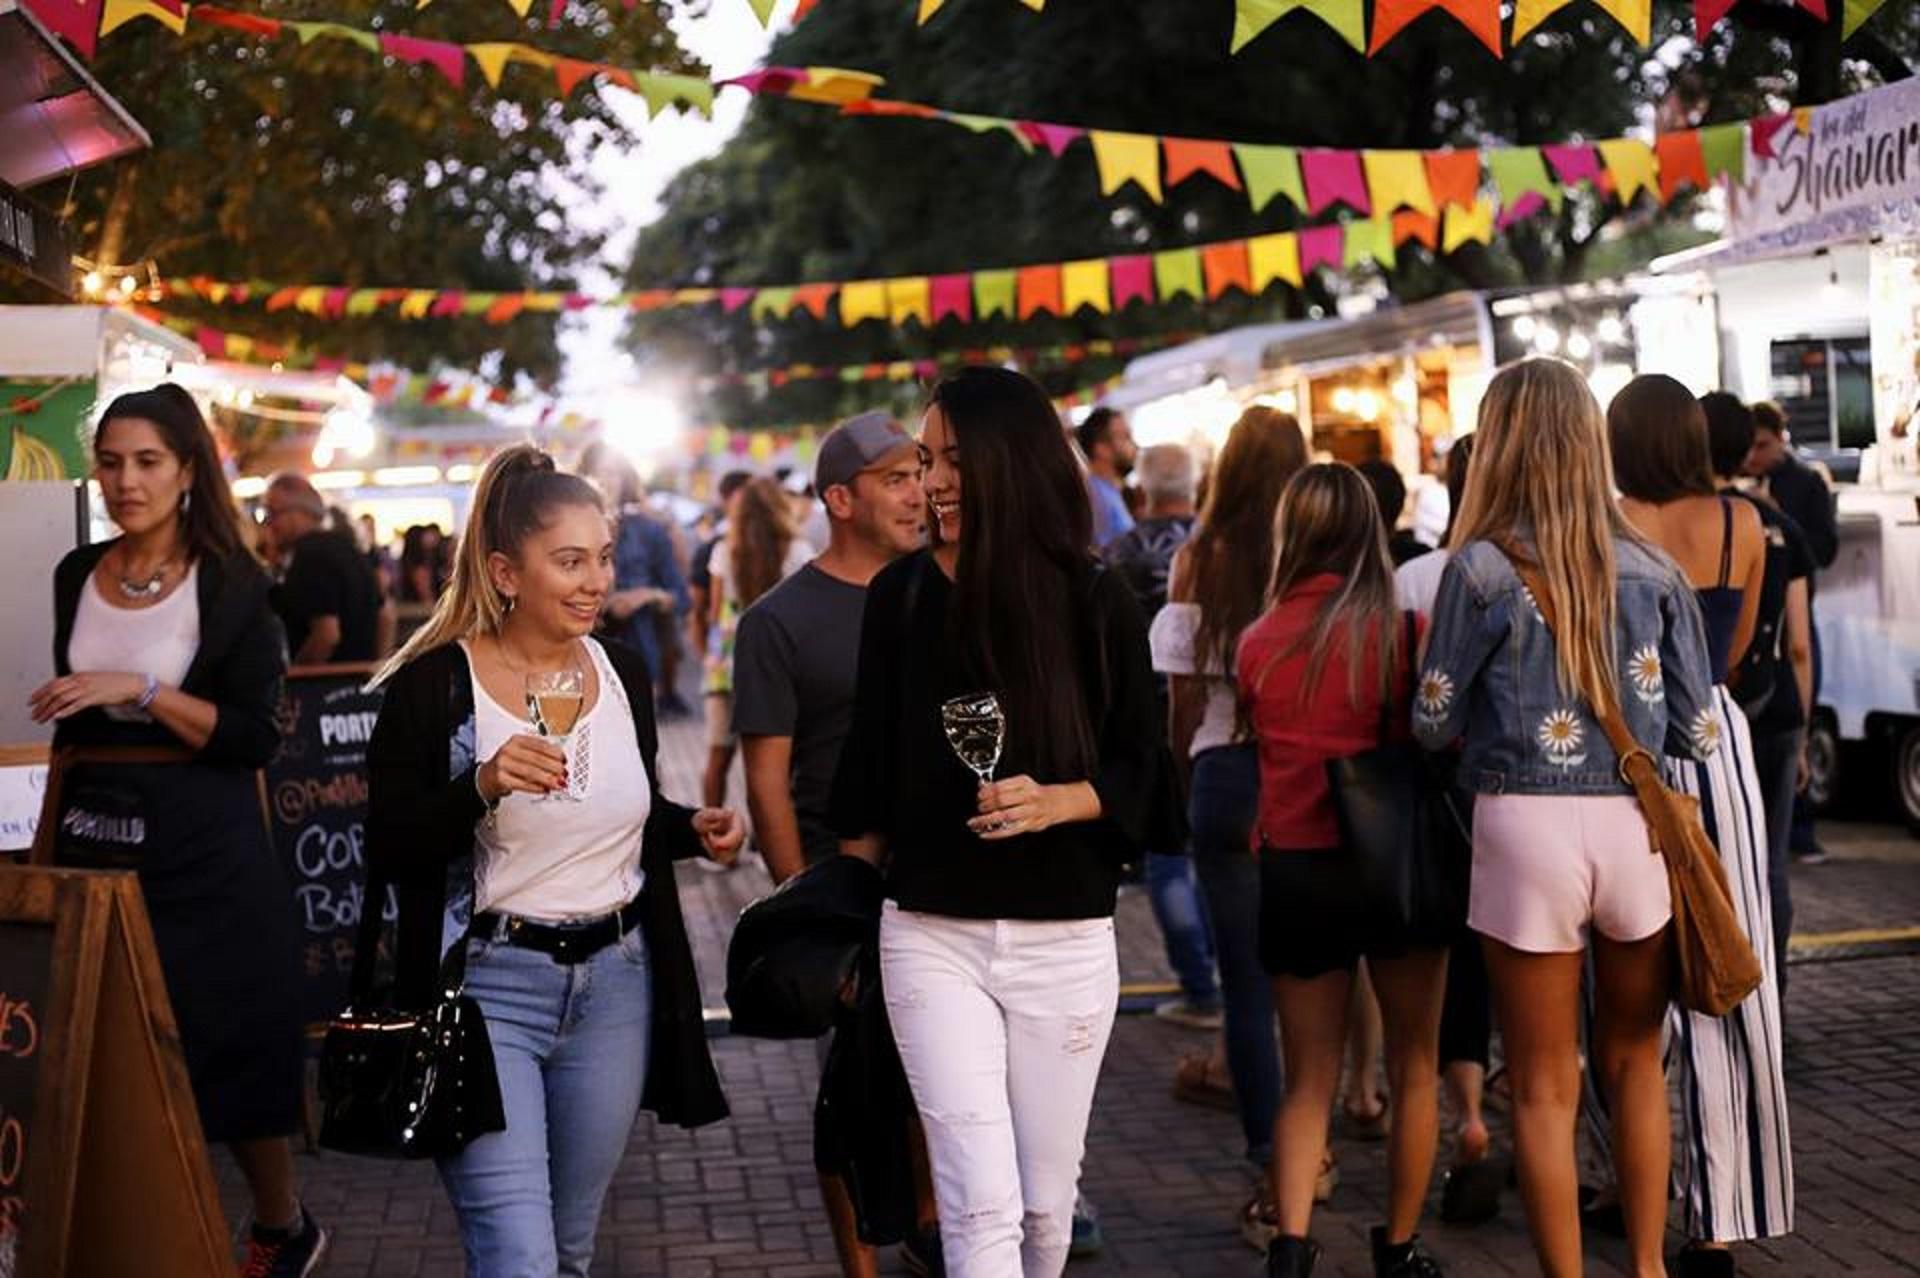 Turismo: ¿por qué Buenos Aires es el destino ideal para un viaje de amigas?